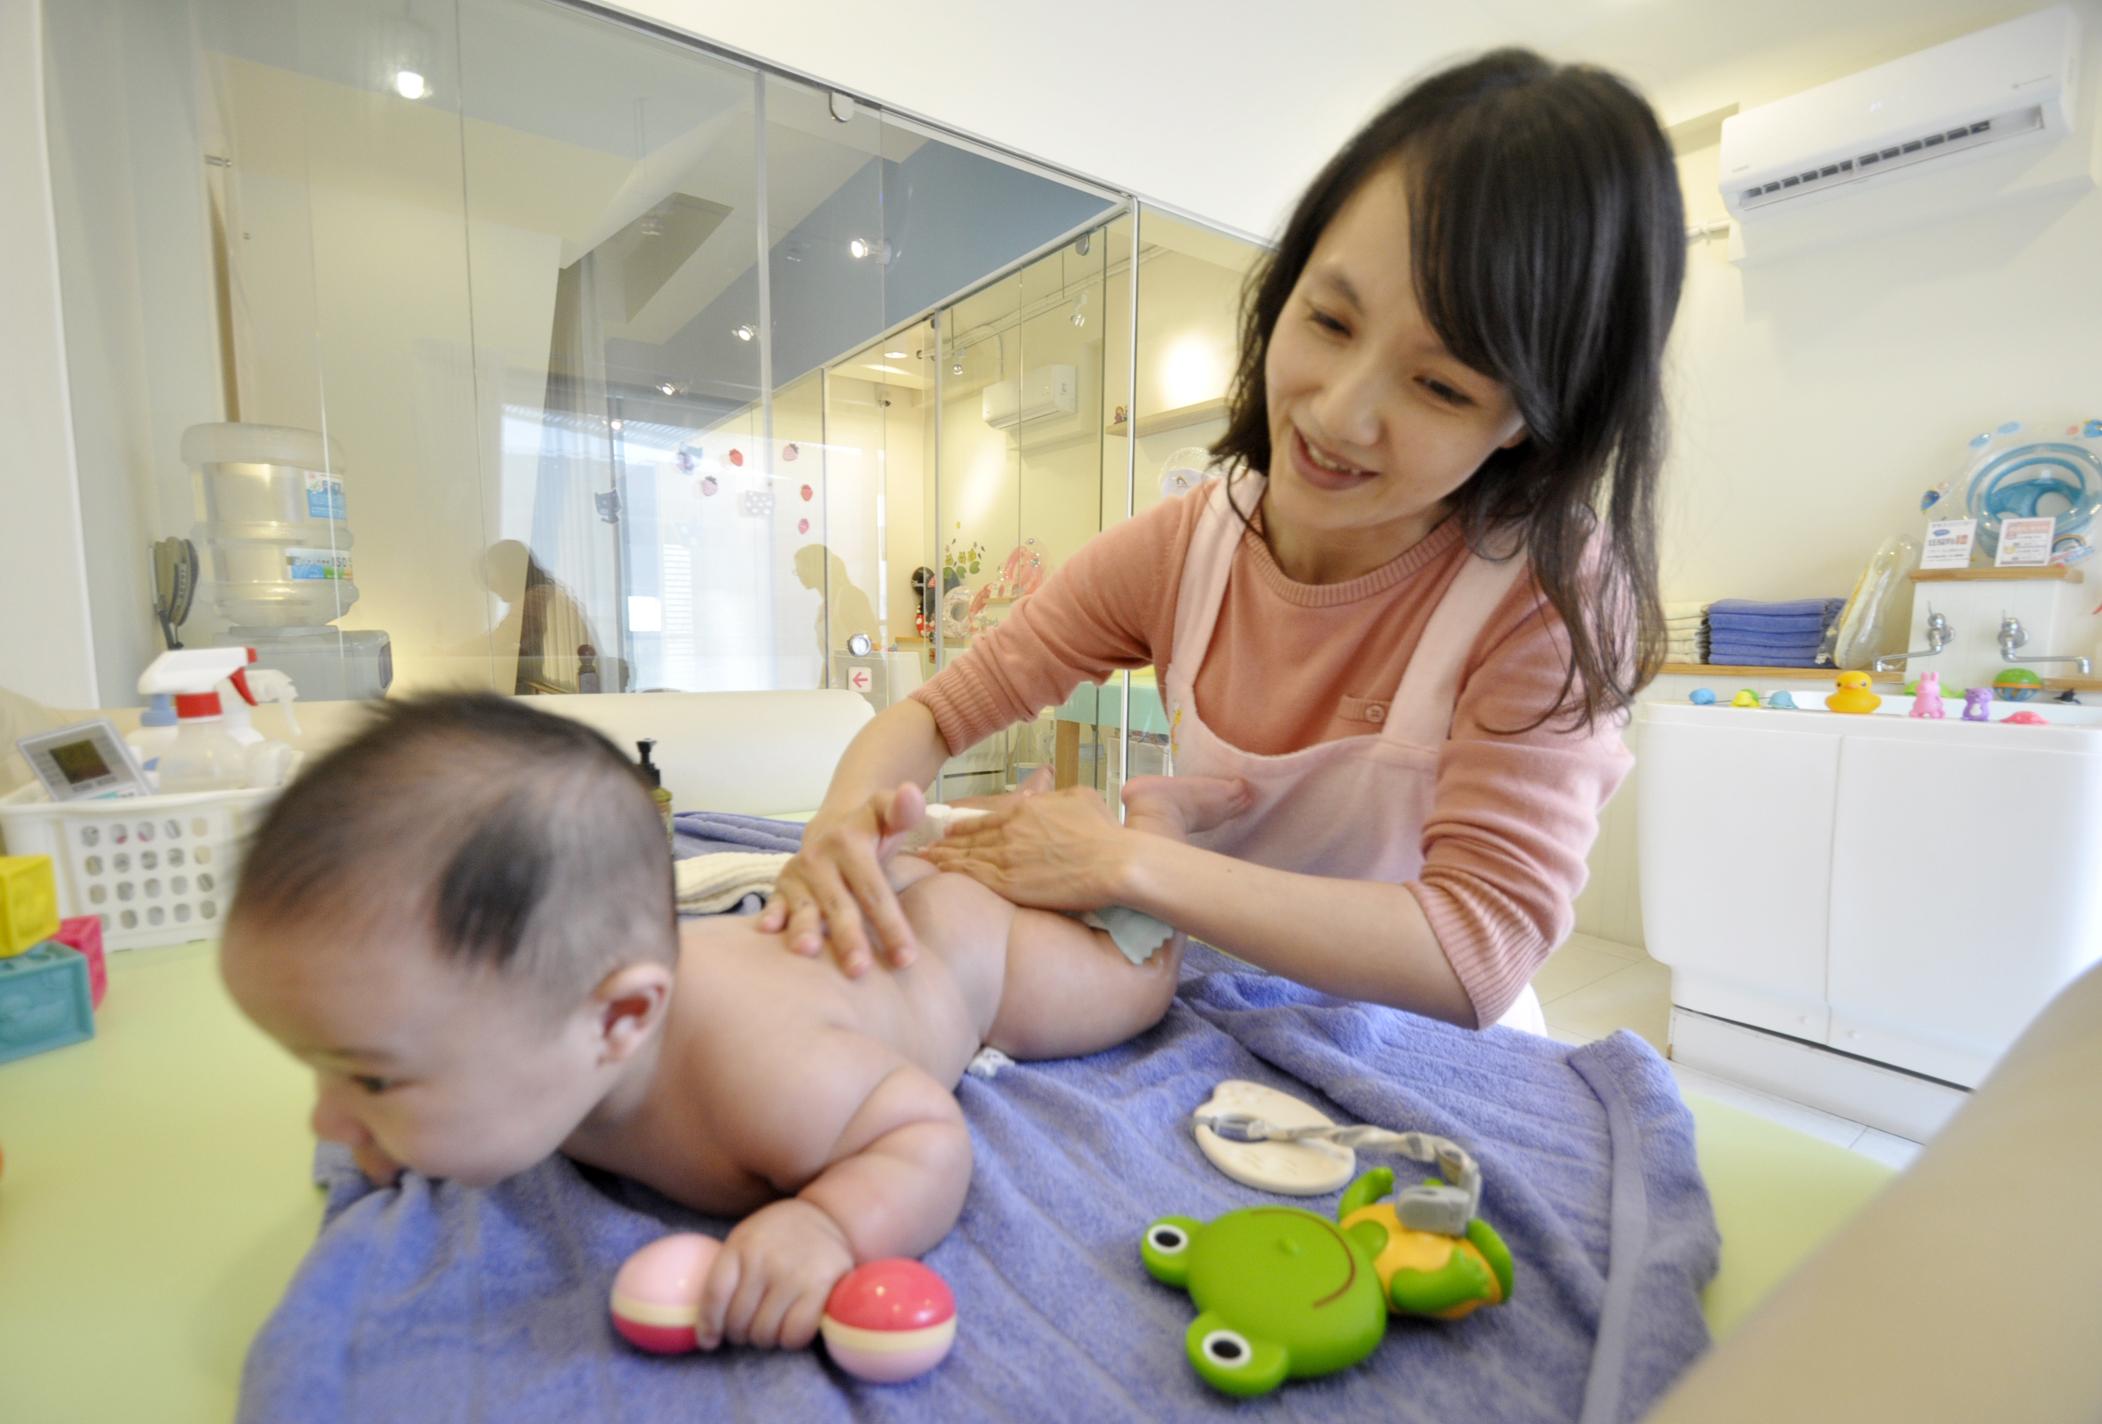 ▲曾是公部門社工師的陳冠瑾,為了多陪伴家人選擇創業,樂當嬰兒按摩師。